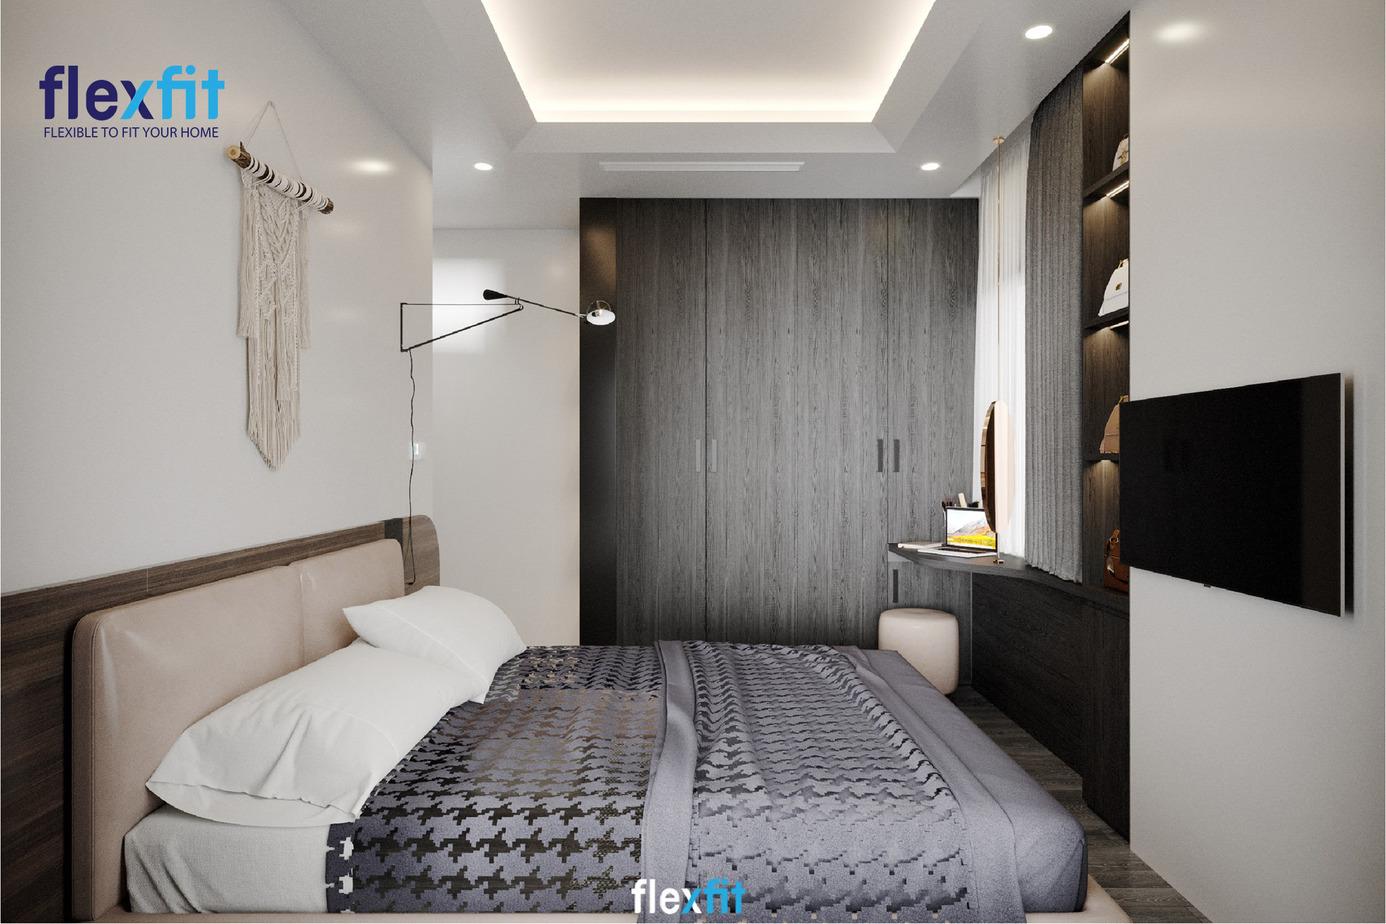 Với màu sắc đen xám vân gỗ, mẫu tủ quần áo 4 cánh mở này đem đến sự giản dị, lấp đầy chỗ trống của bức tường trắng đơn điệu. Tủ thiết kế kịch trần mang đến khả năng lưu trữ tối đa.